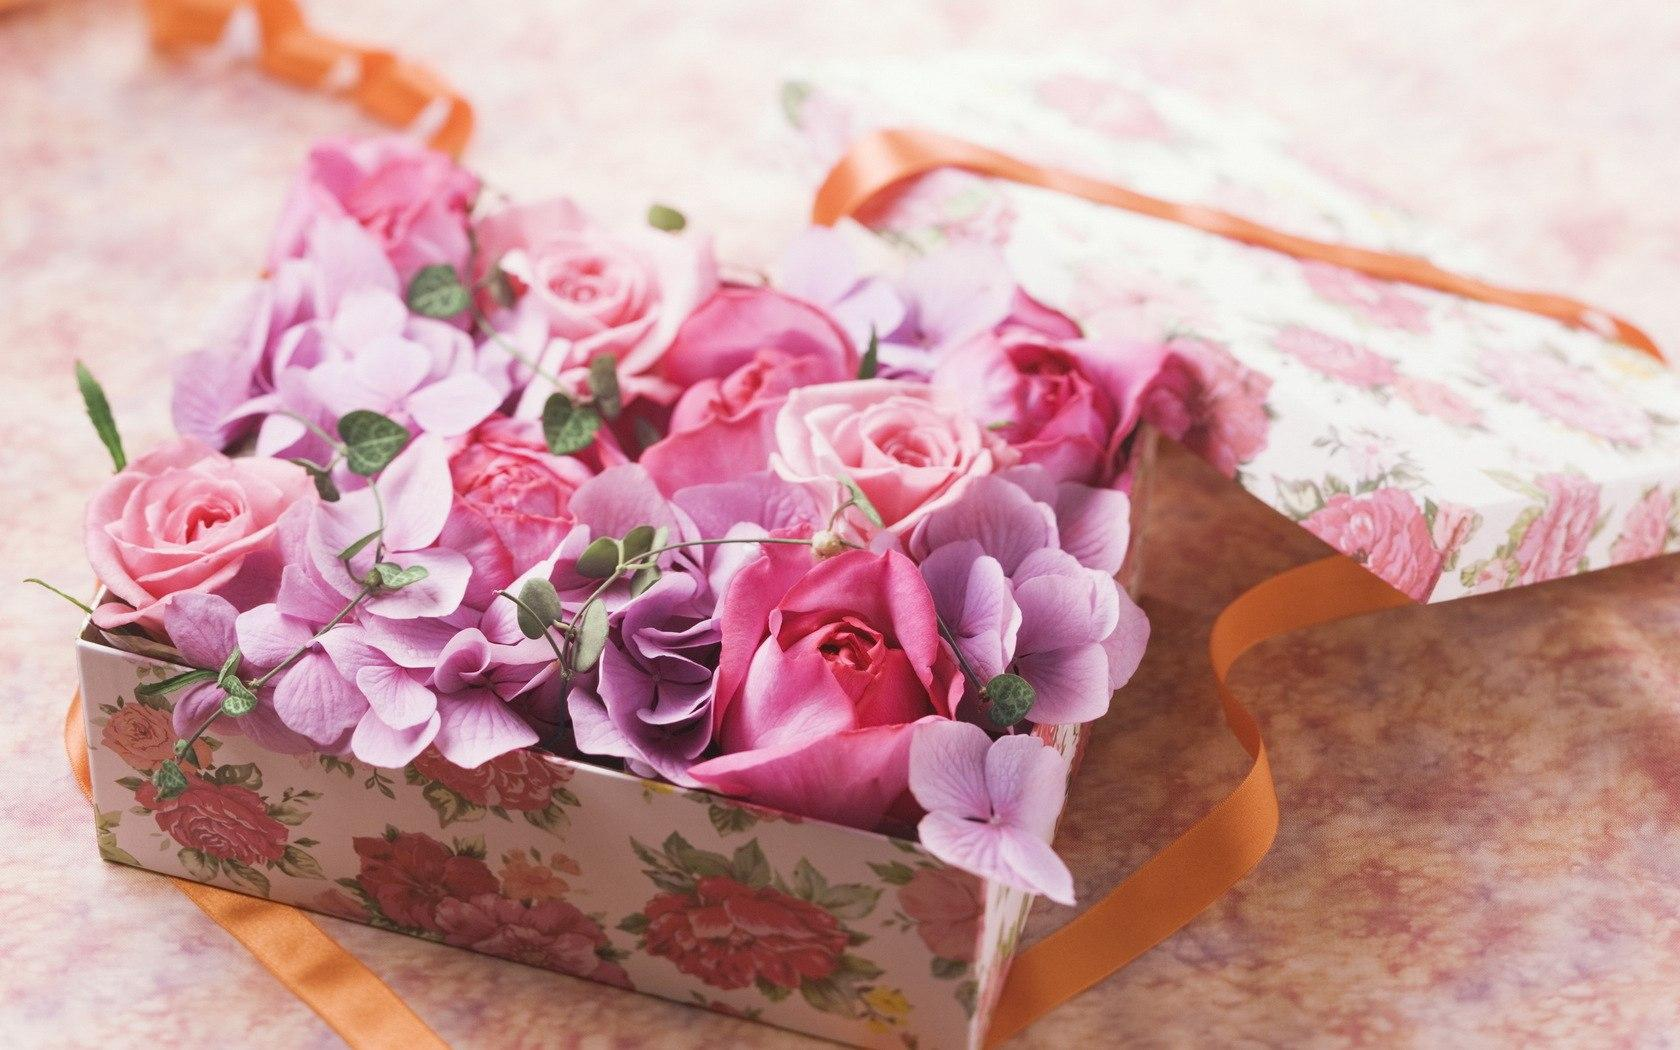 наслаждались отдыхом с днем рождения цветы открытки вытянутые это горная порода